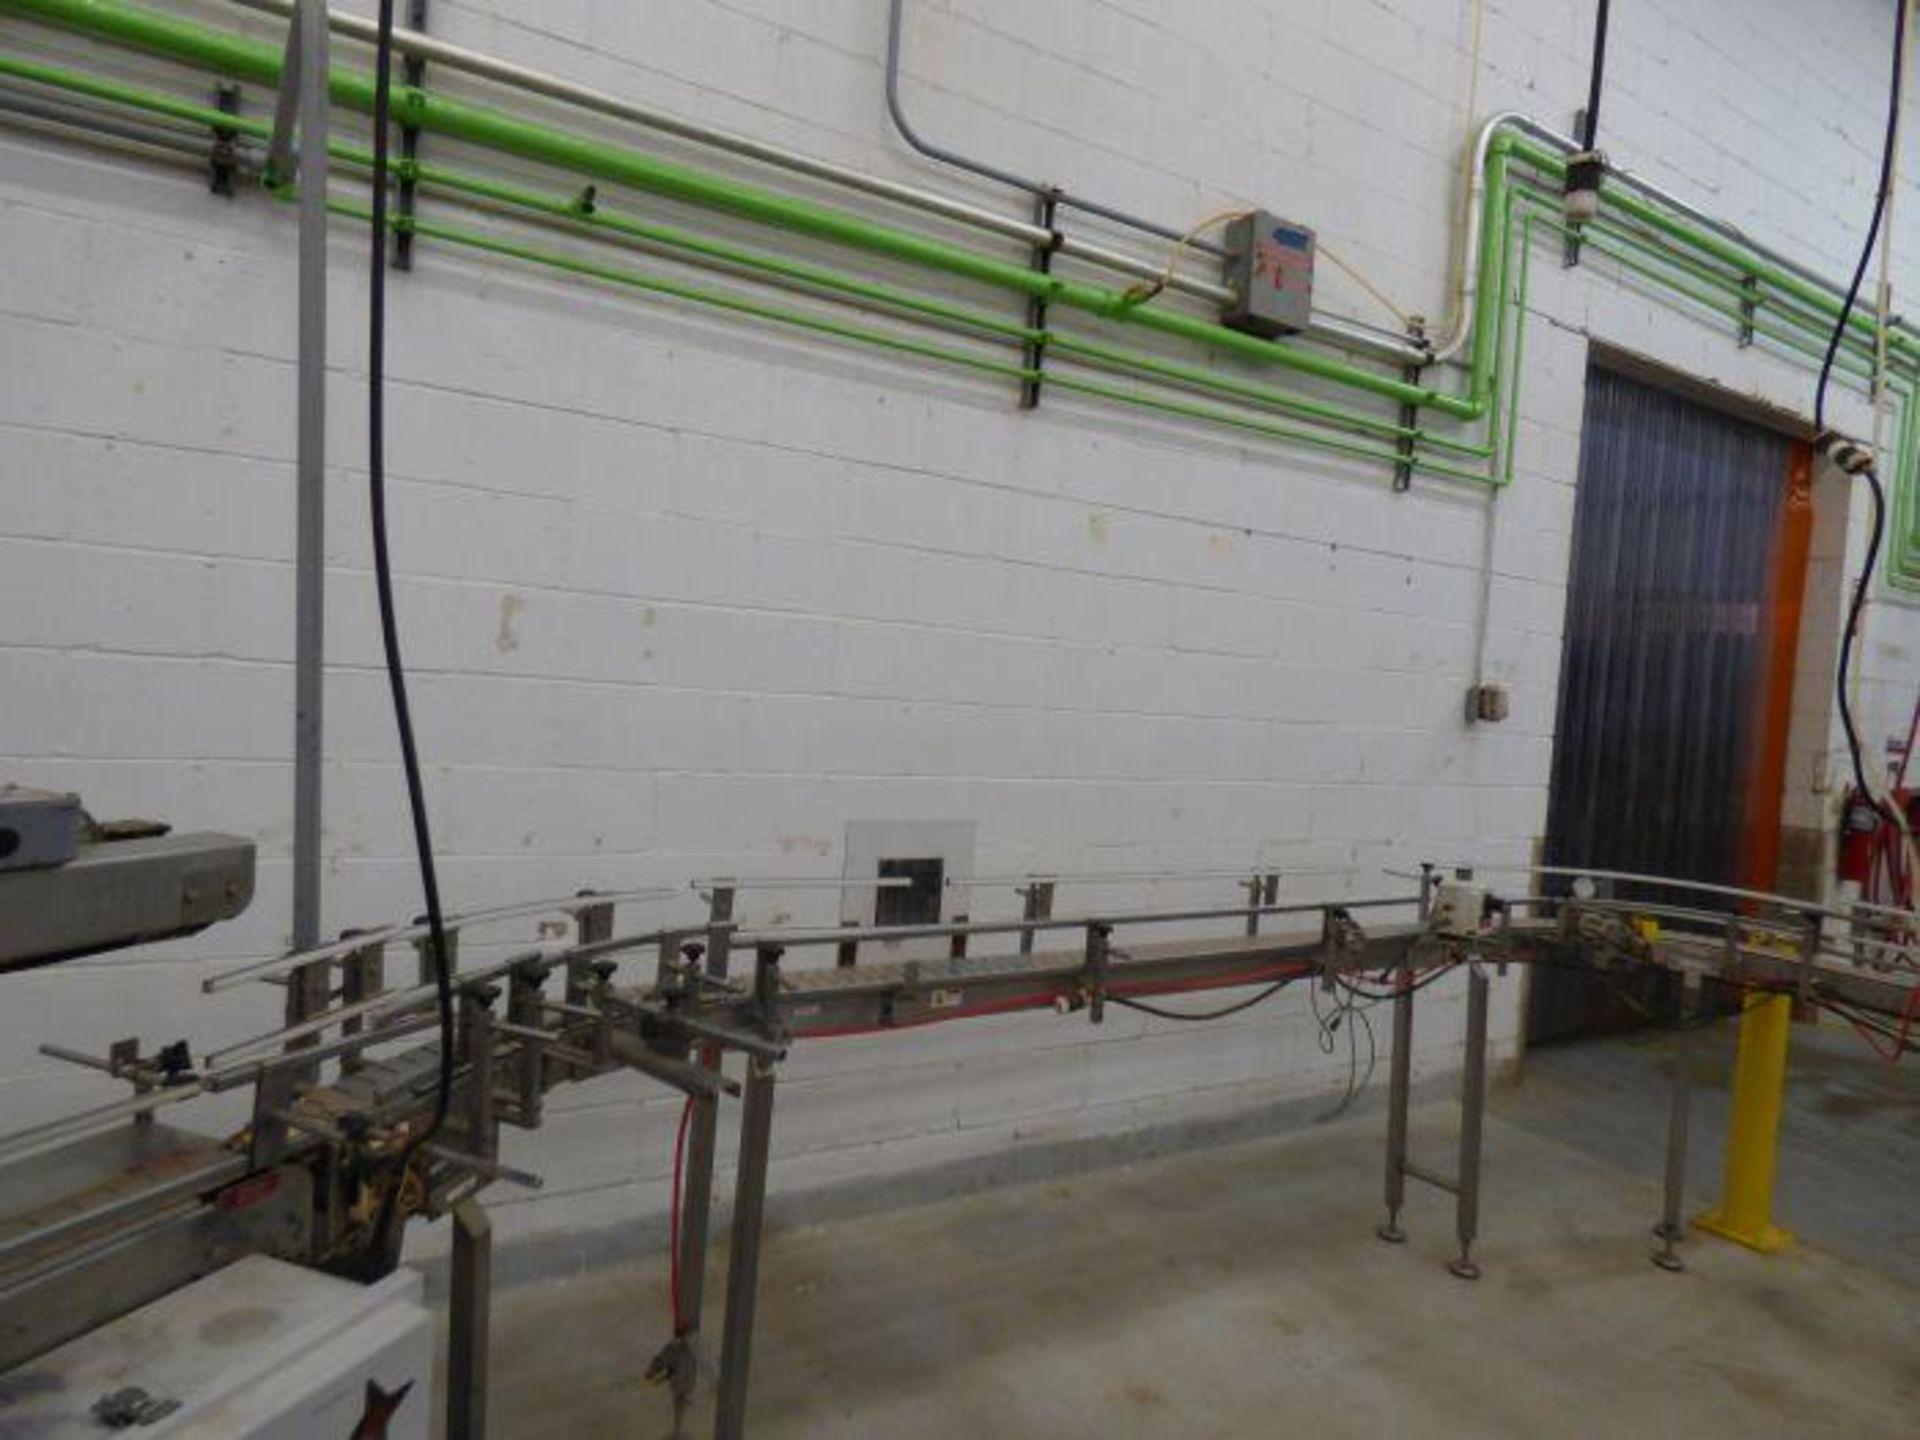 Lot 1254 - Lot of Conveyor Belts